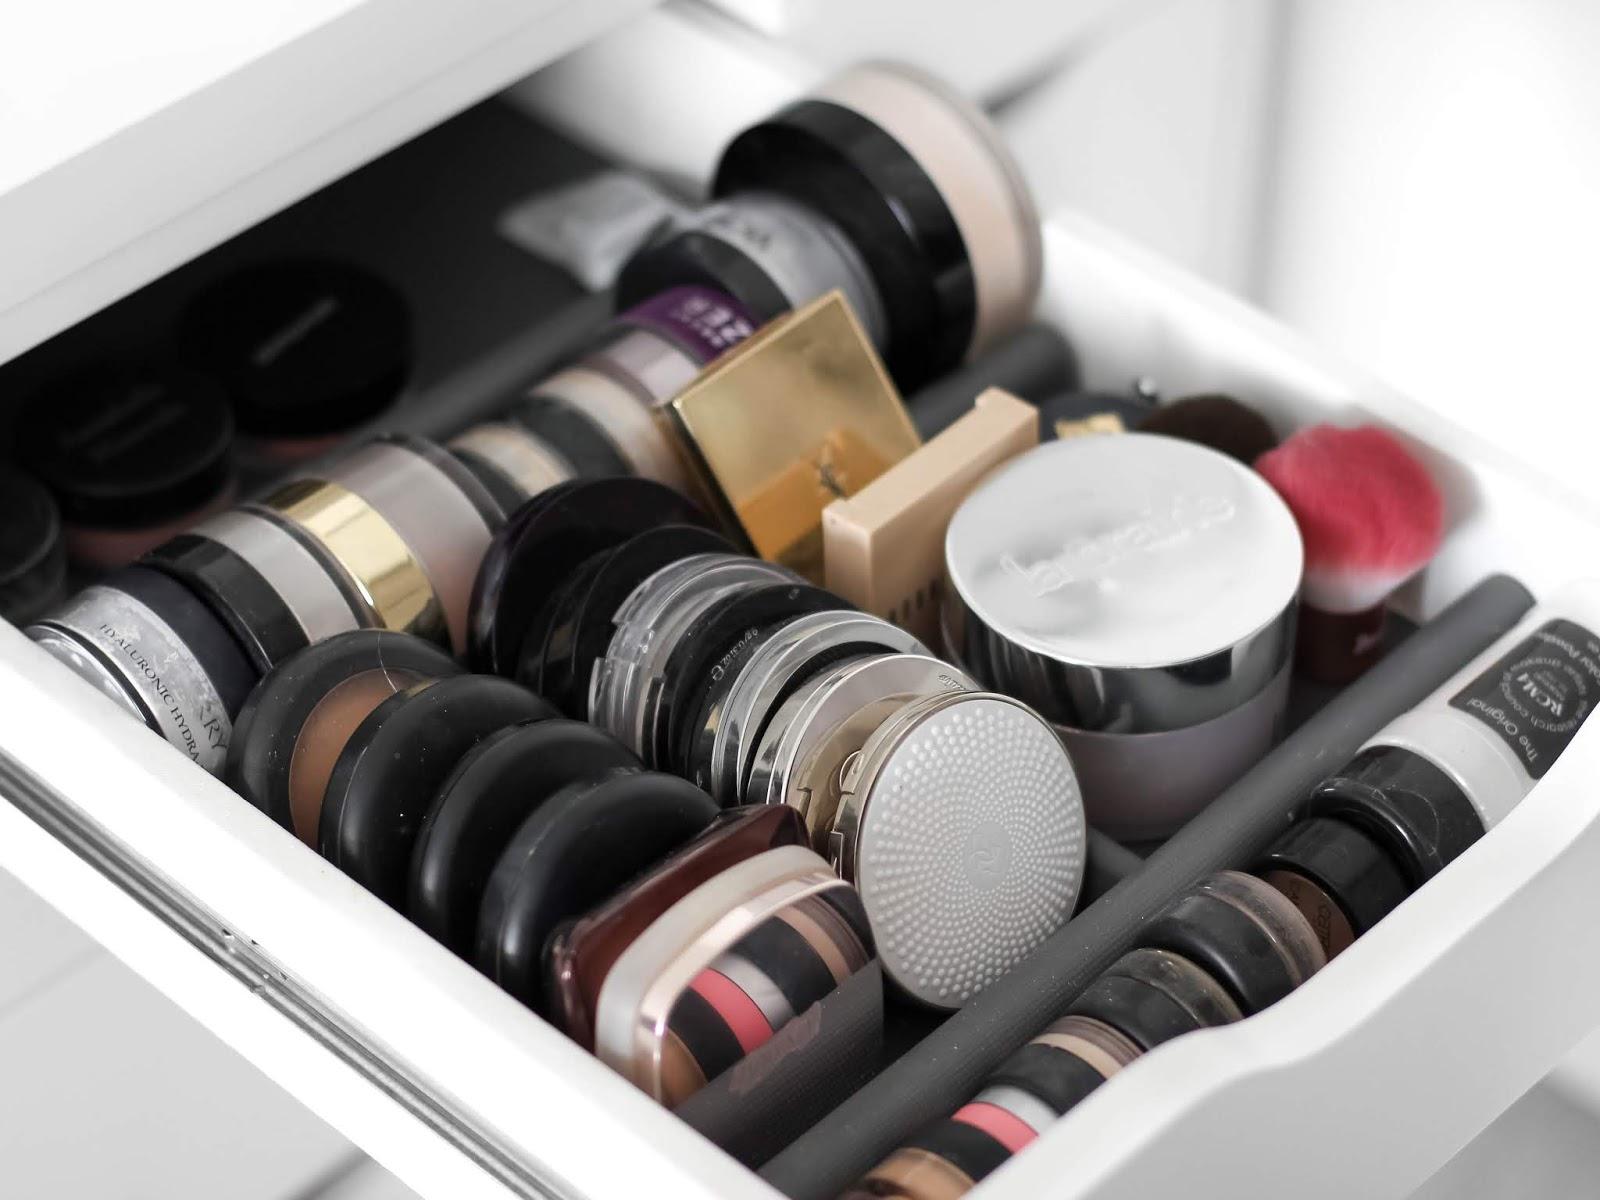 kosmetická sbírka pudry